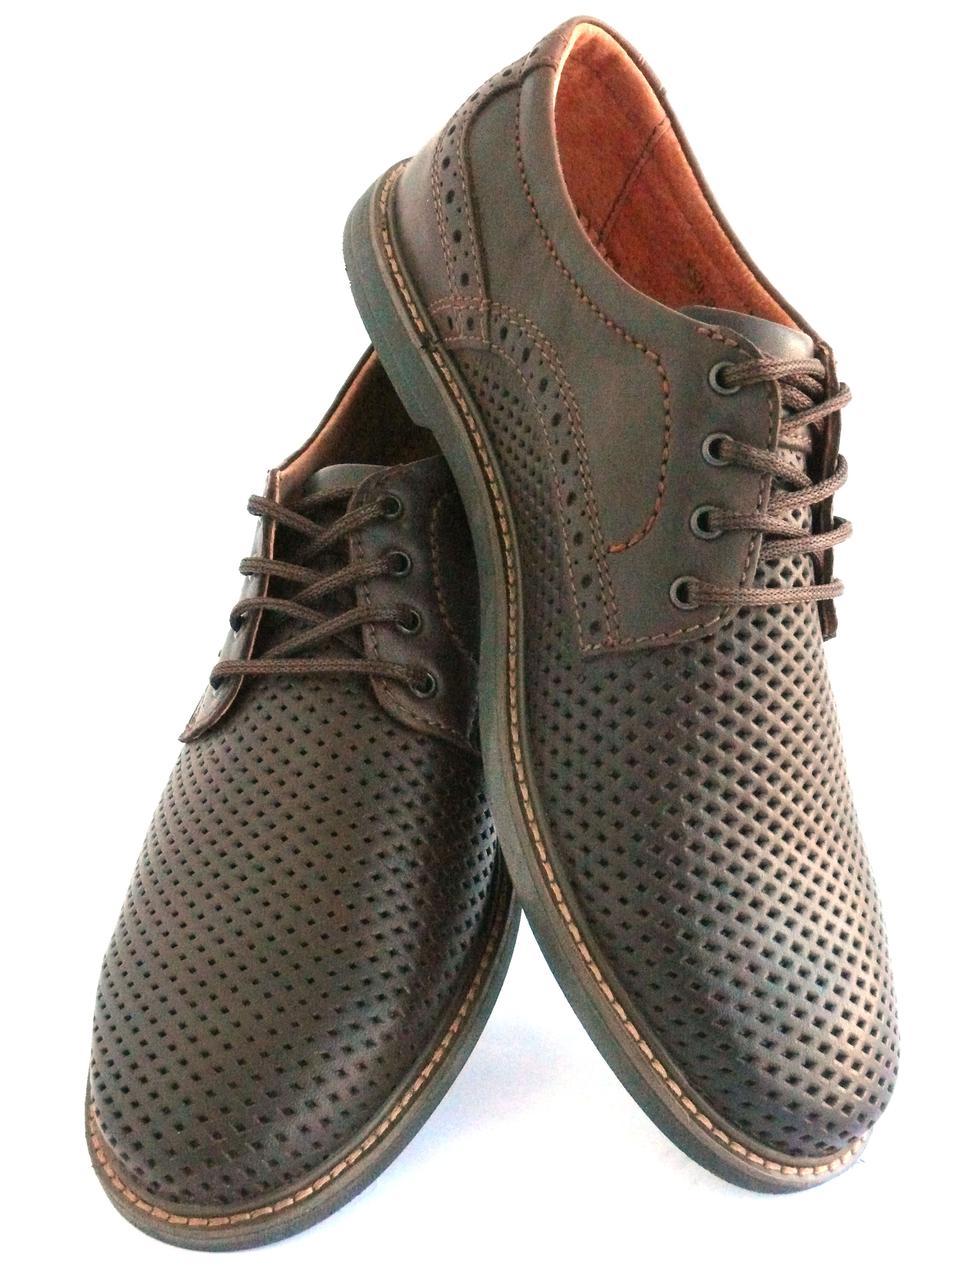 ... Мужские туфли с натуральной кожи коричневые BUMER р. 40 41 42 43 44 45,  ... a9e6248864b